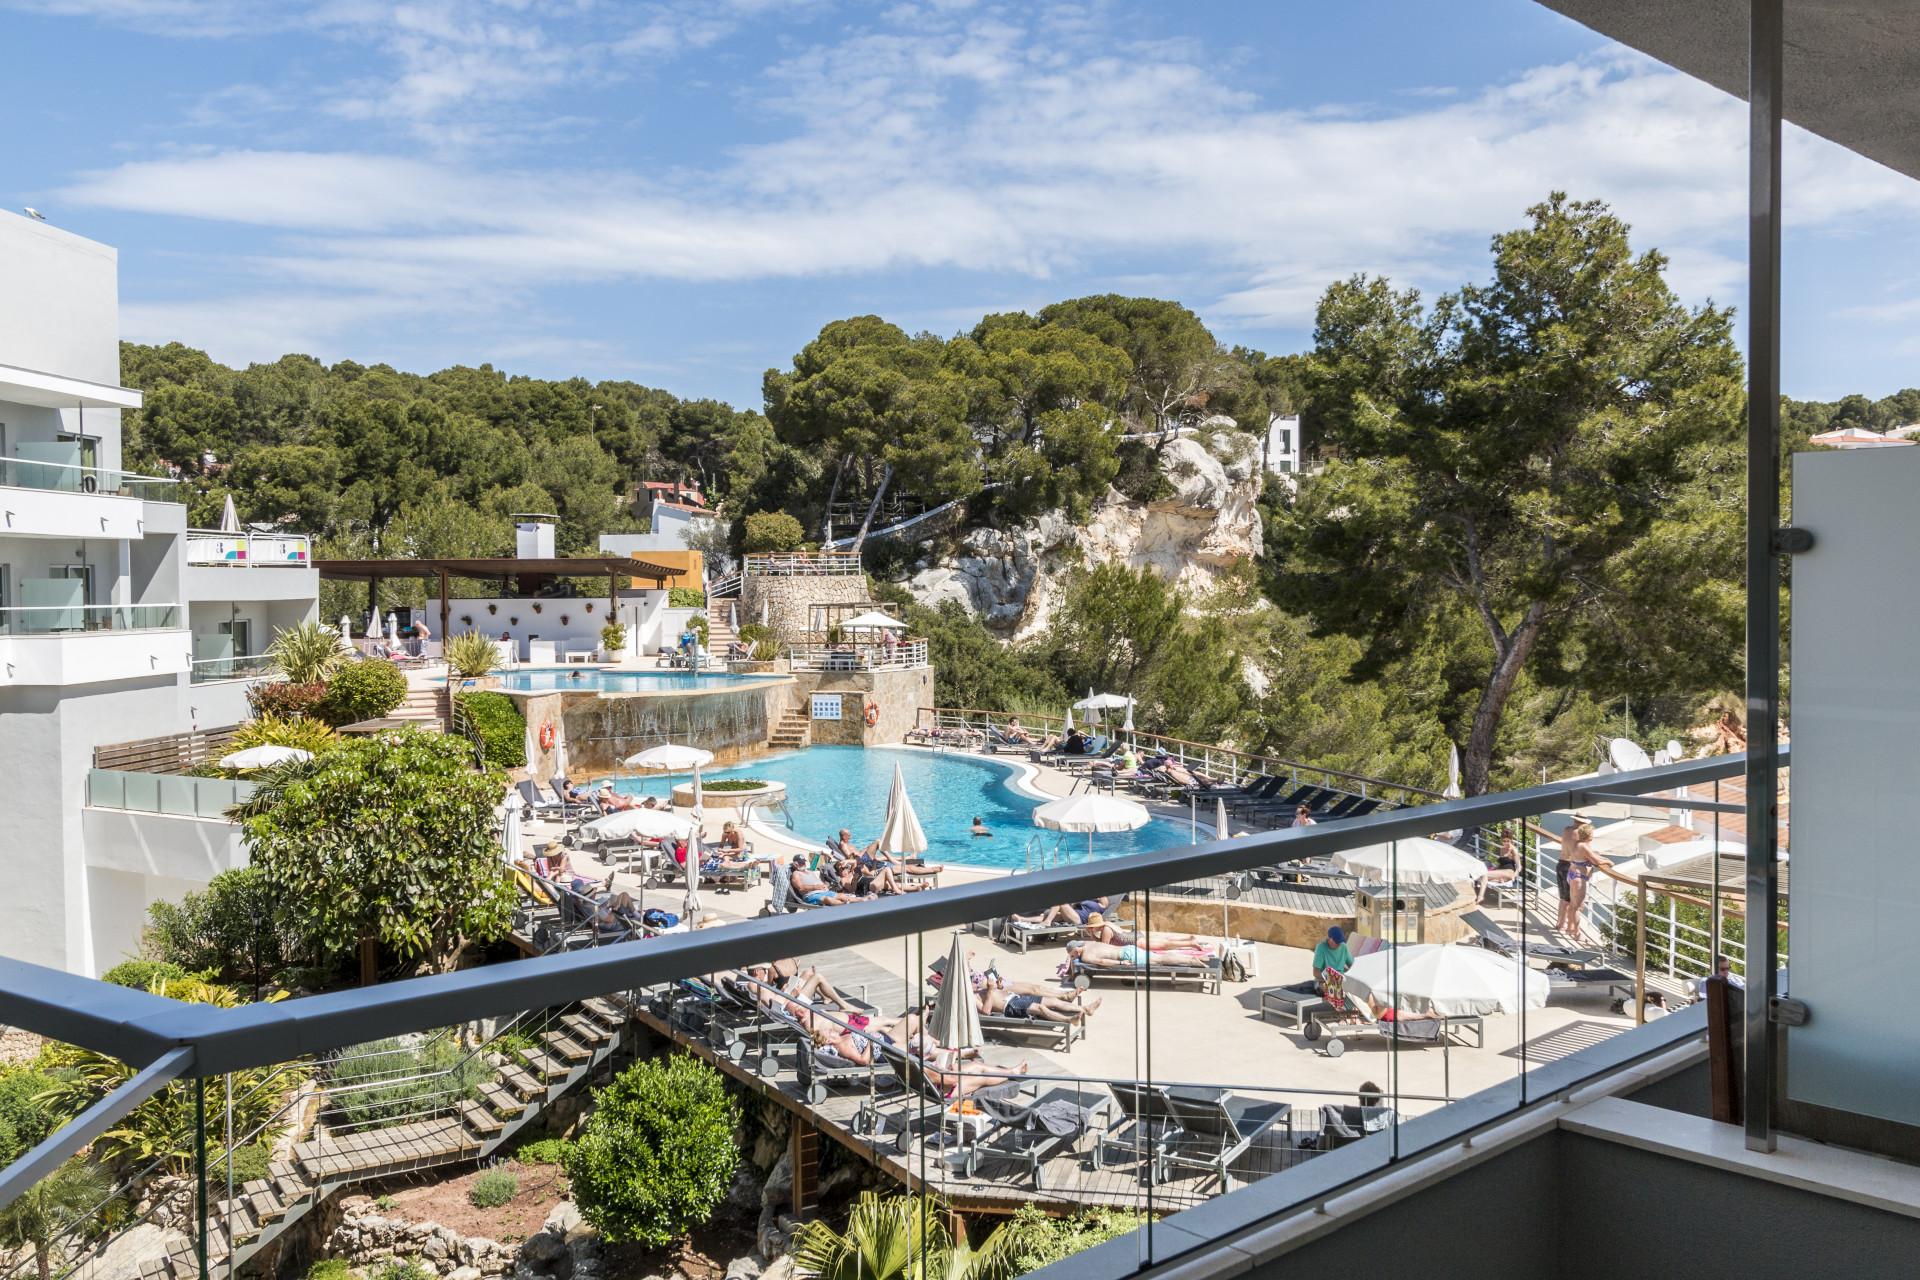 Hotel ARTIEM Audax Menorca